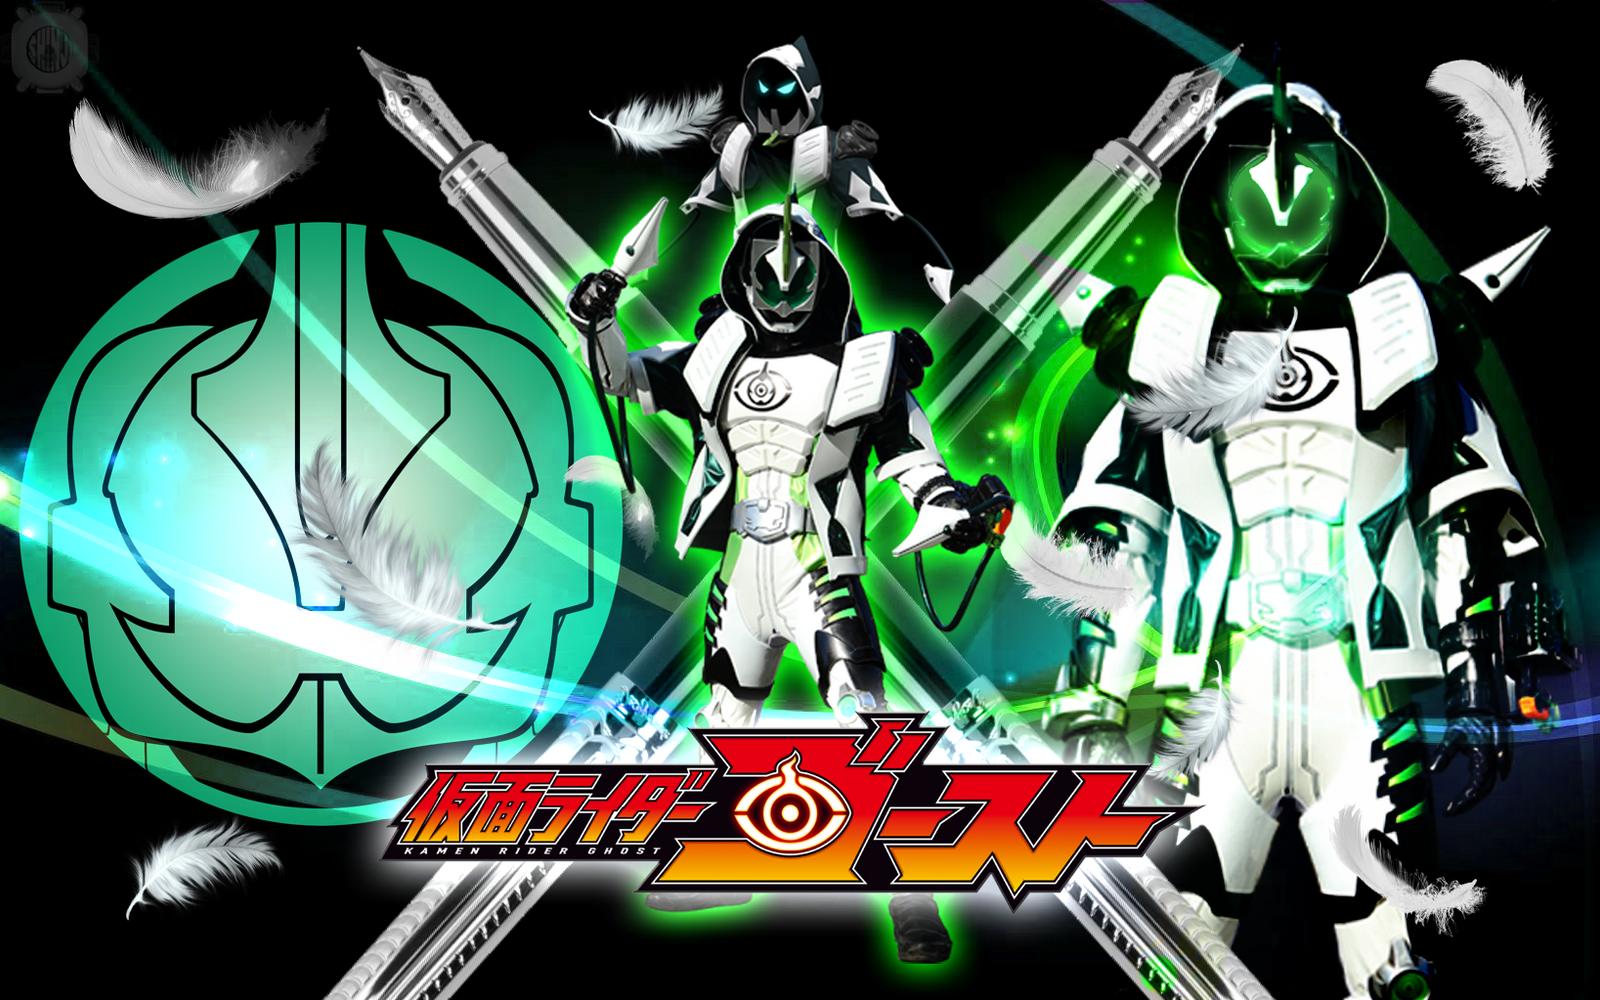 Kamen Rider Necrom Grimm Damashii Wallpaper by malecoc